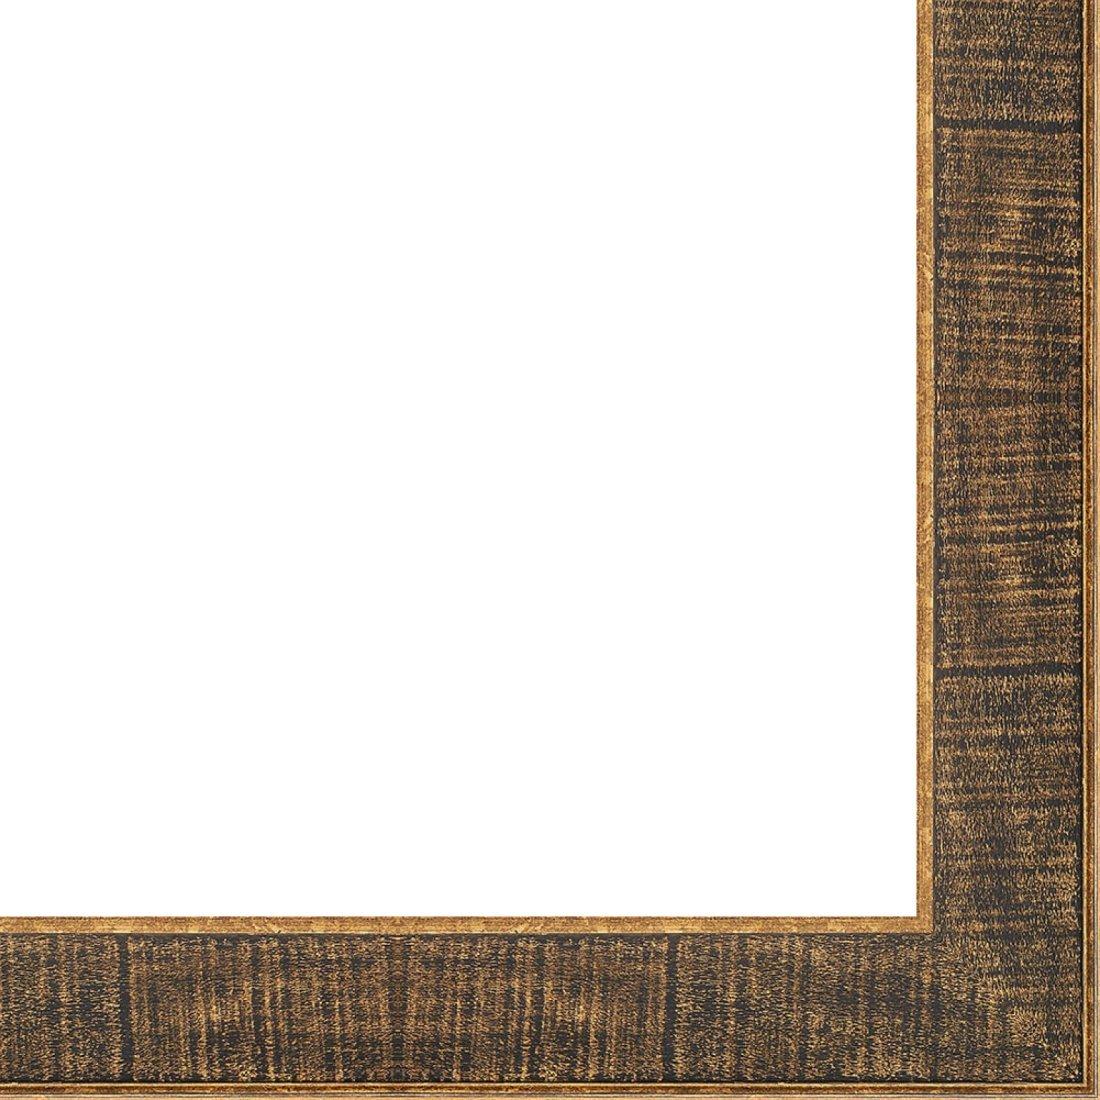 Picture Frame Moulding (Wood) 18ft bundle - Distressed/Aged Black Finish - 2.25'' width - 1/2'' rabbet depth